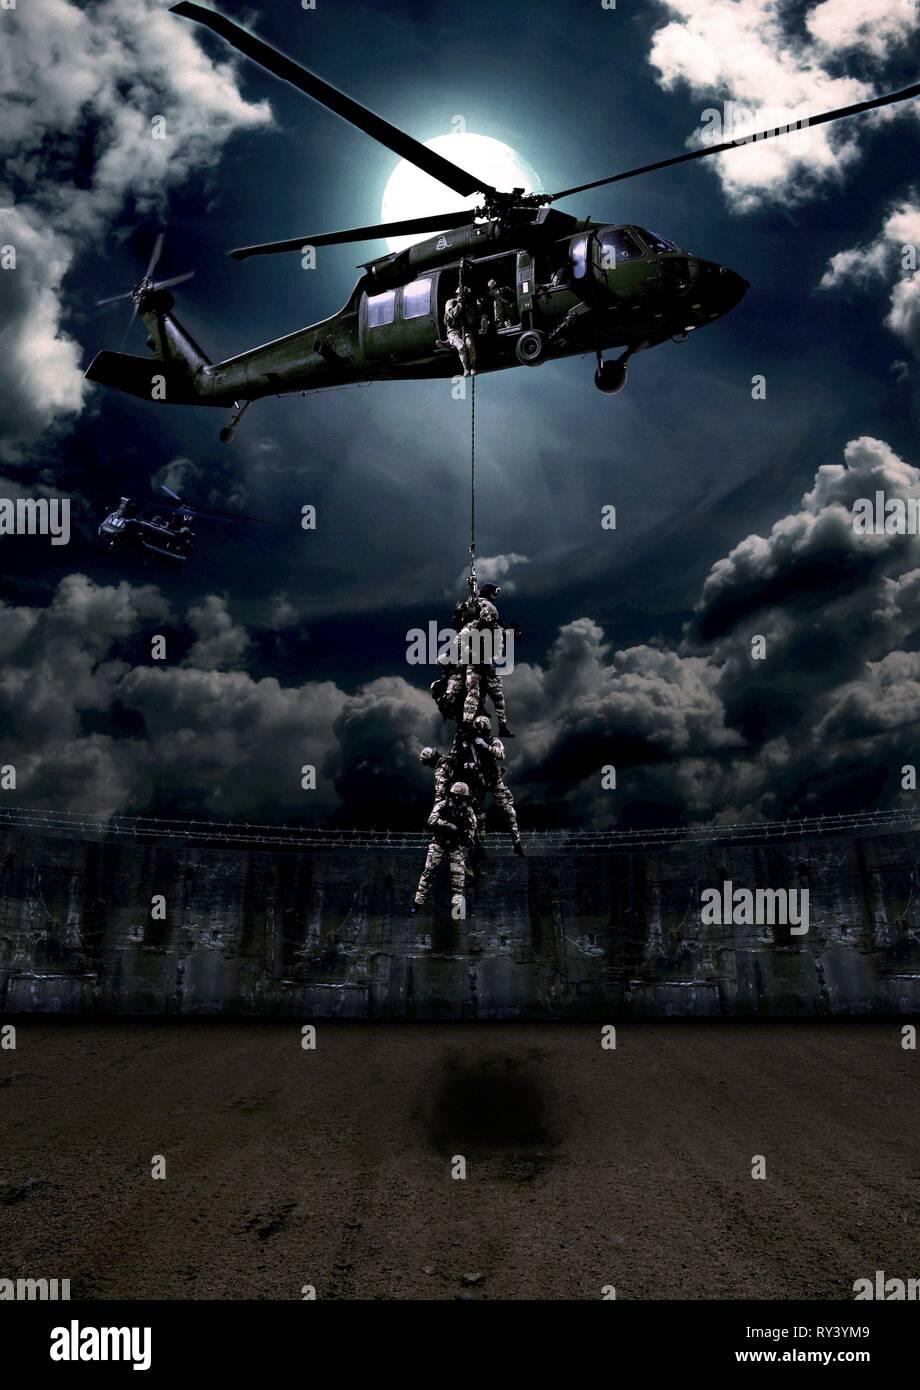 Osama Bin Laden Stock Photos & Osama Bin Laden Stock Images - Alamy